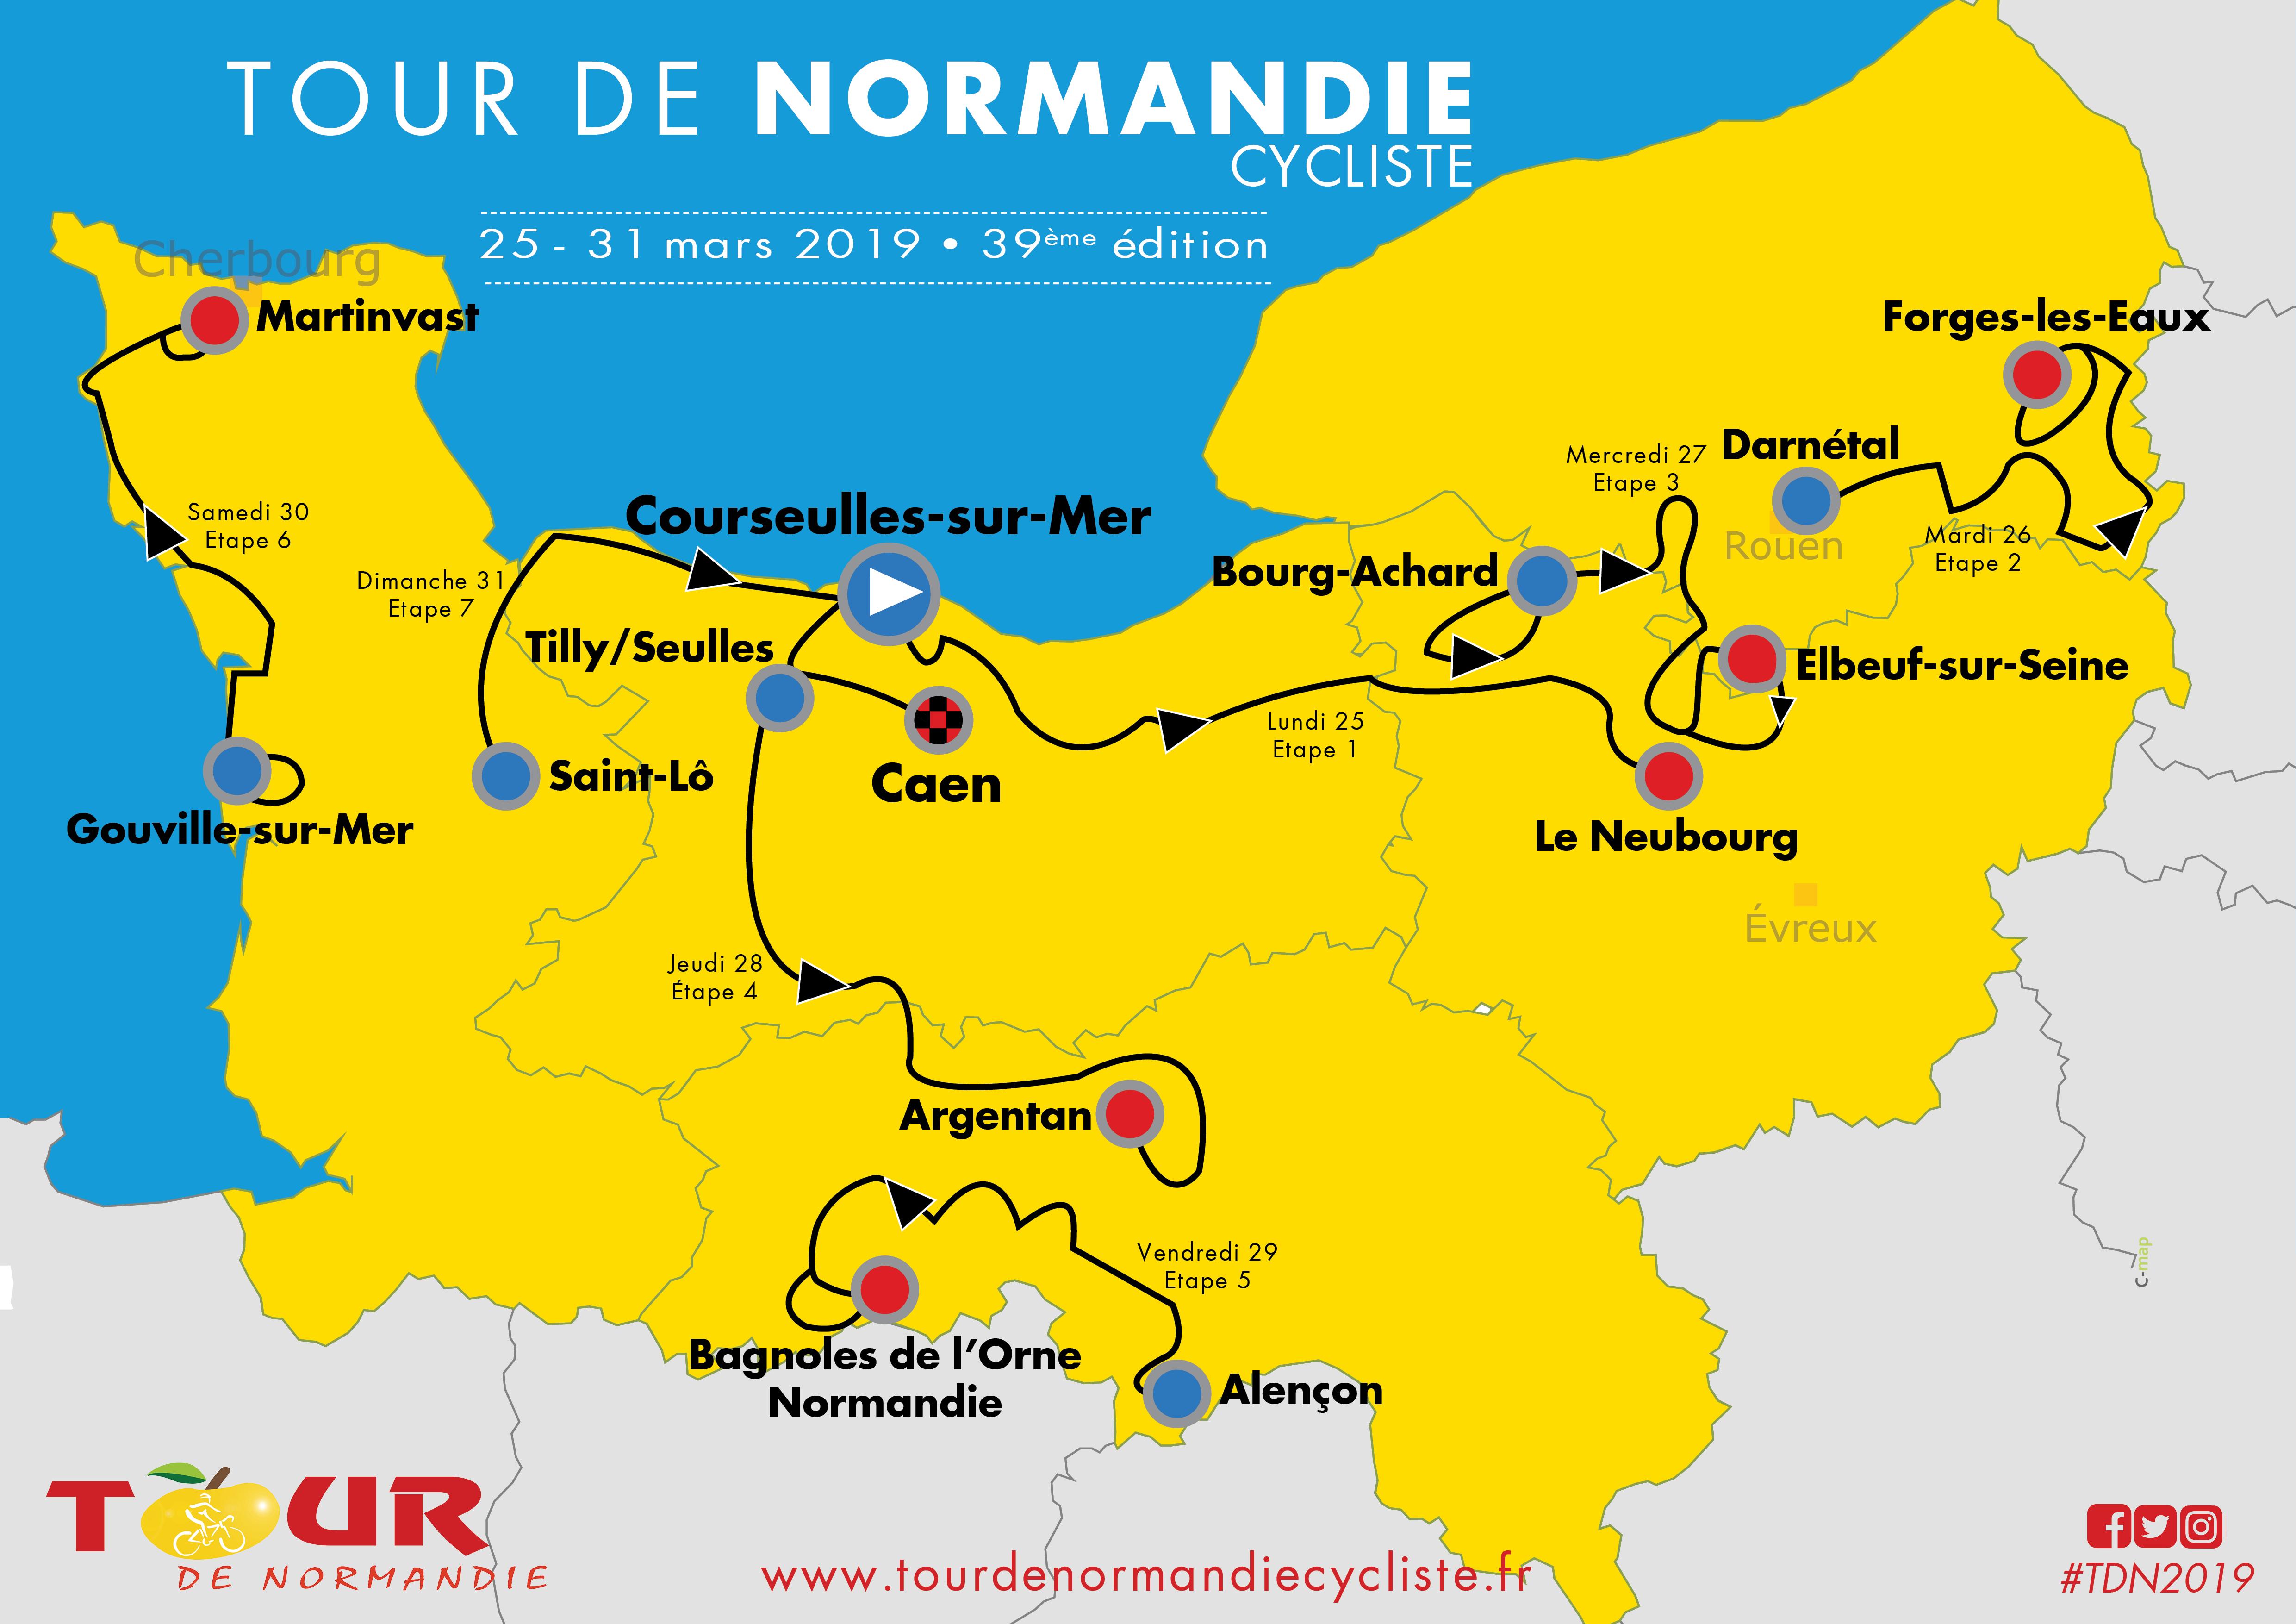 Tour de Normandie 2019 - La Carte du parcours